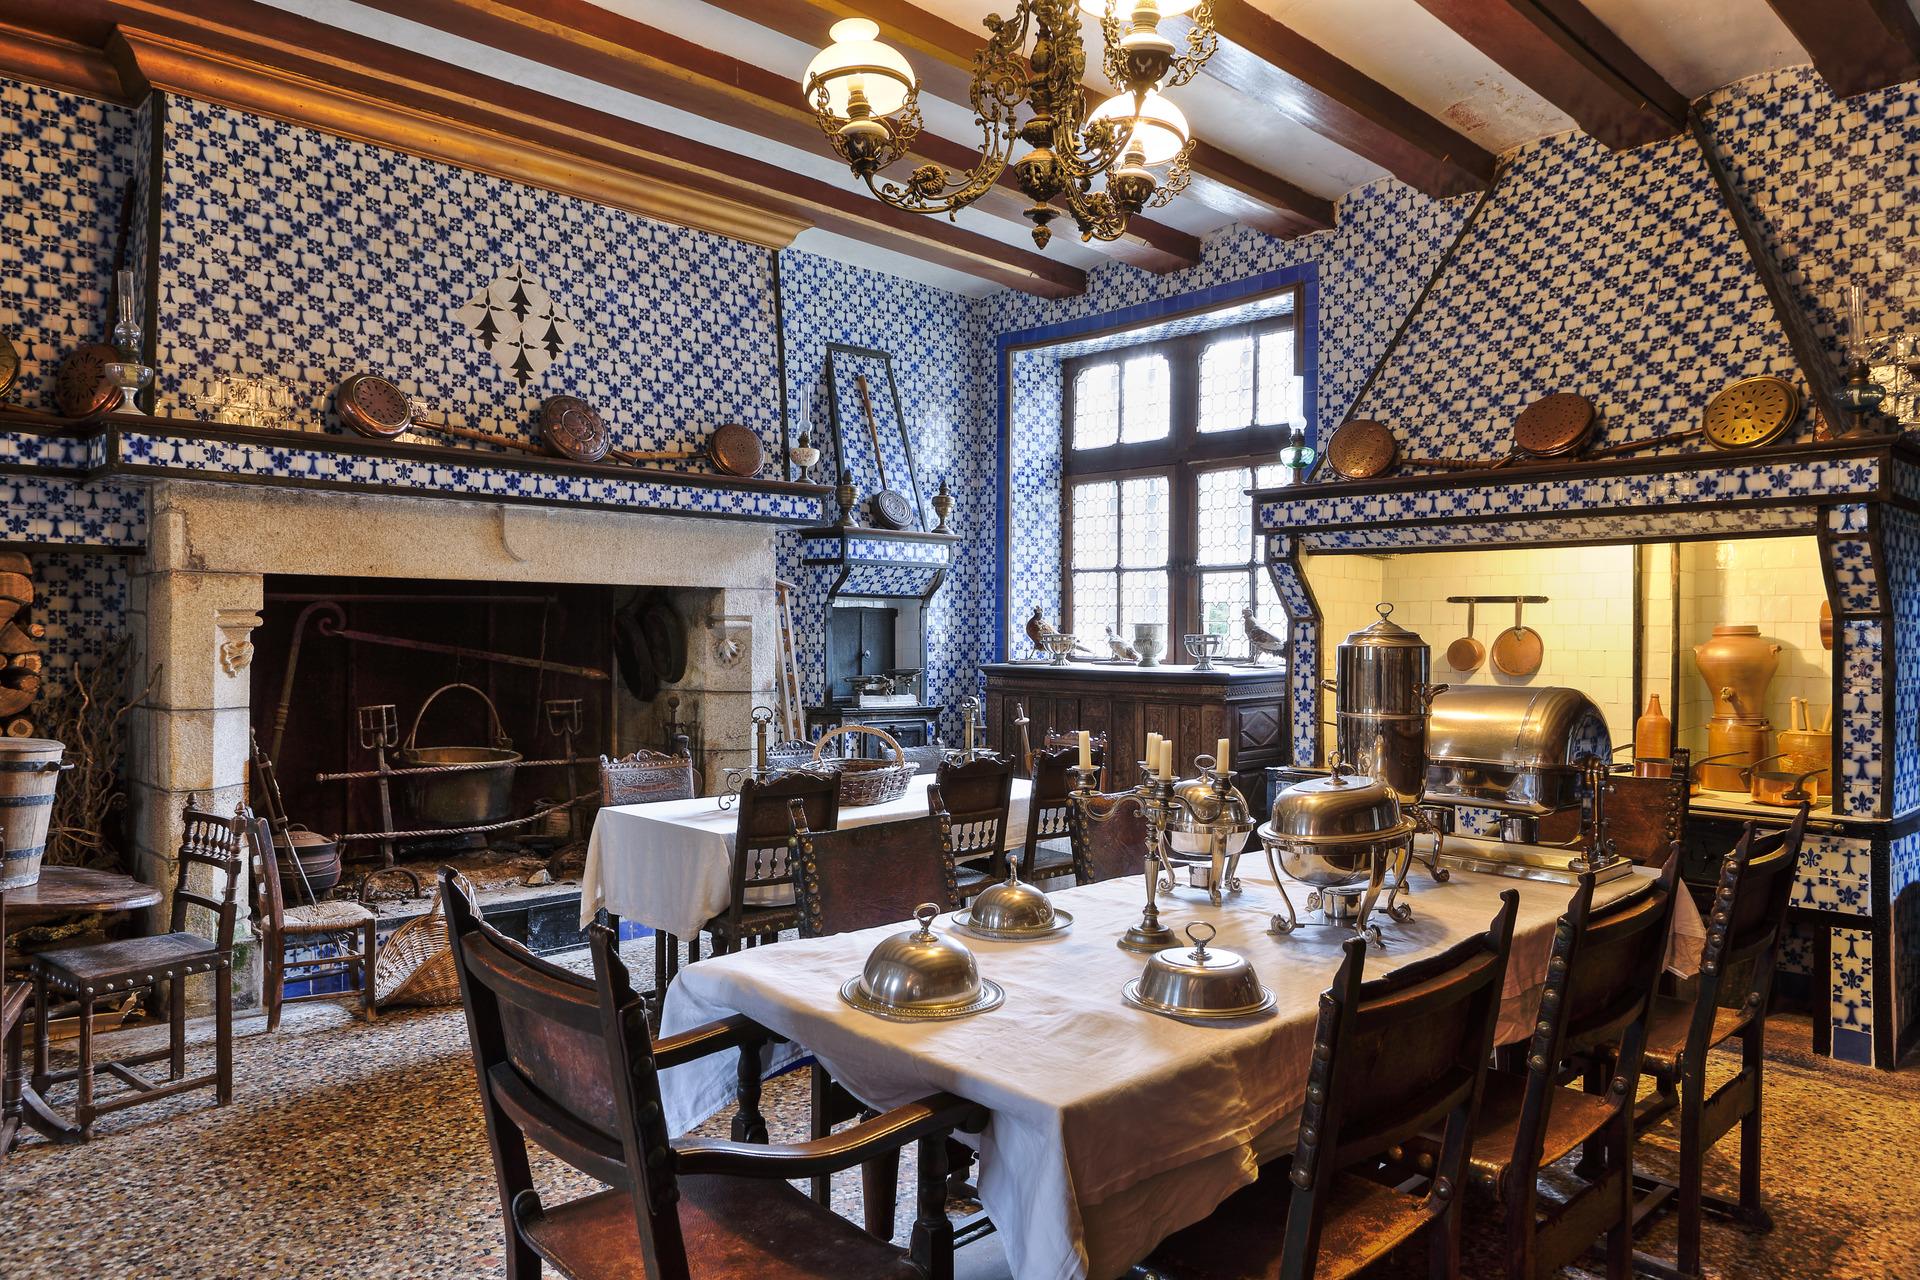 historique chateau de keriolet visite historique mus e salle de r ception mariage dans le. Black Bedroom Furniture Sets. Home Design Ideas